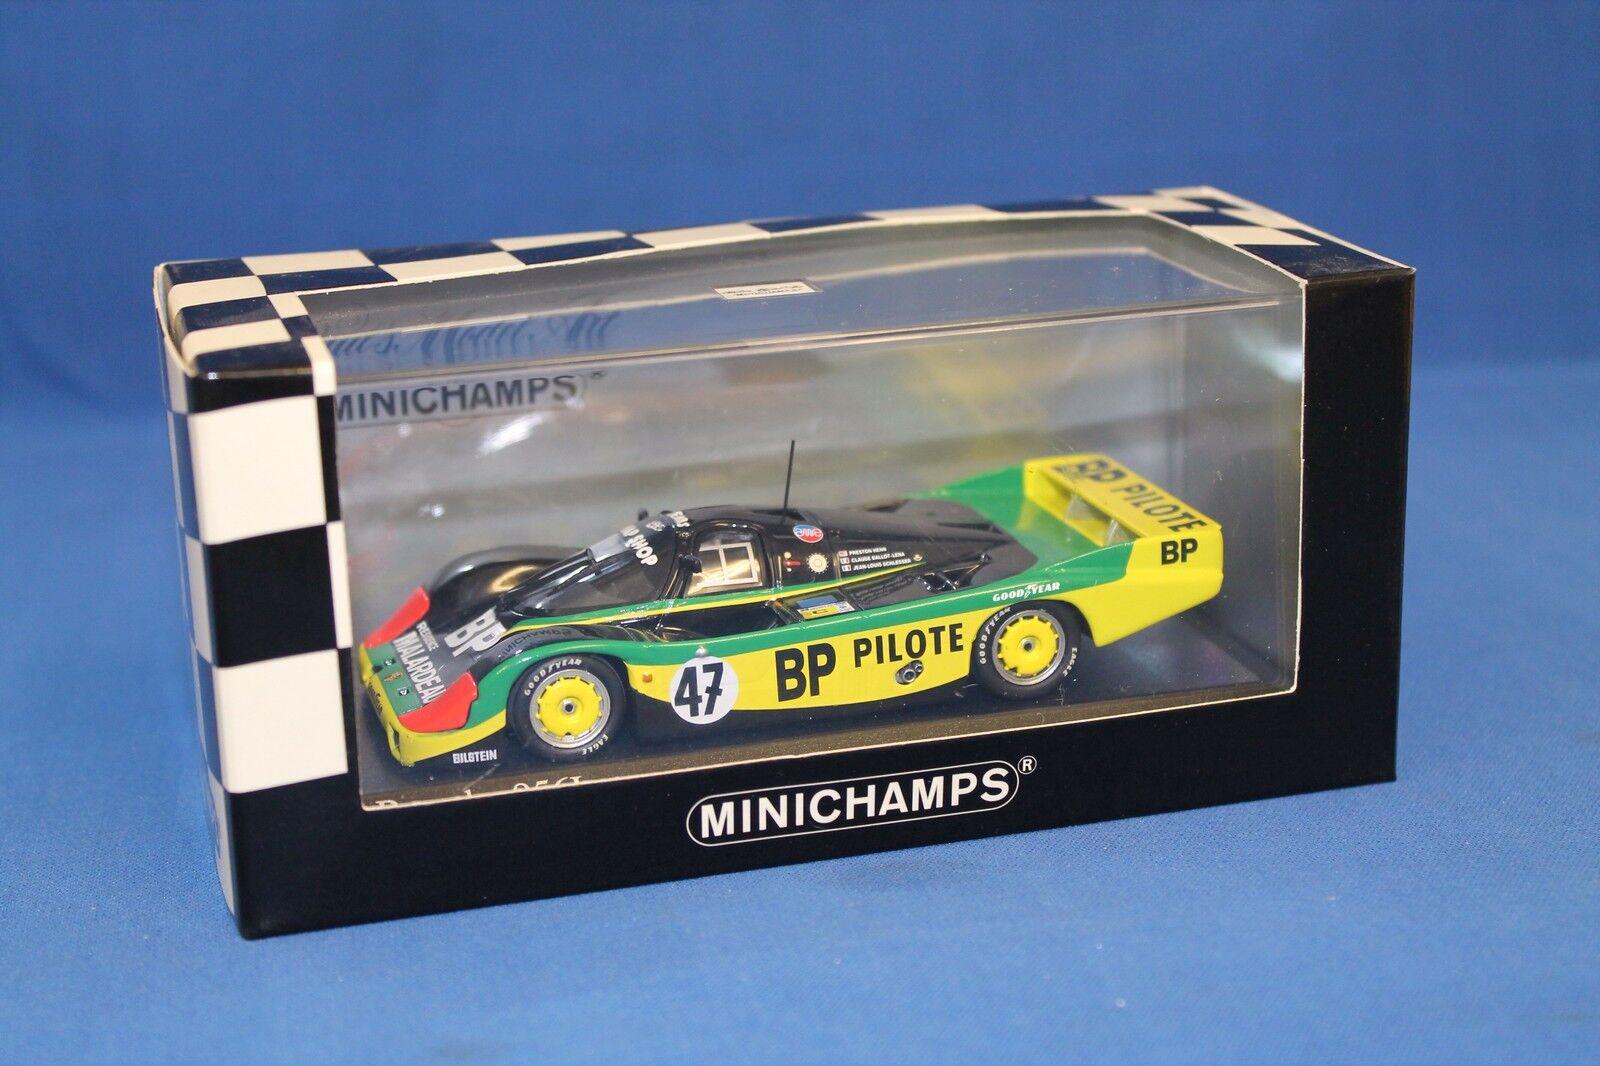 Minichamps 1983 Porsche 956L 24h Le Mans 1 43 Scale 430 836547